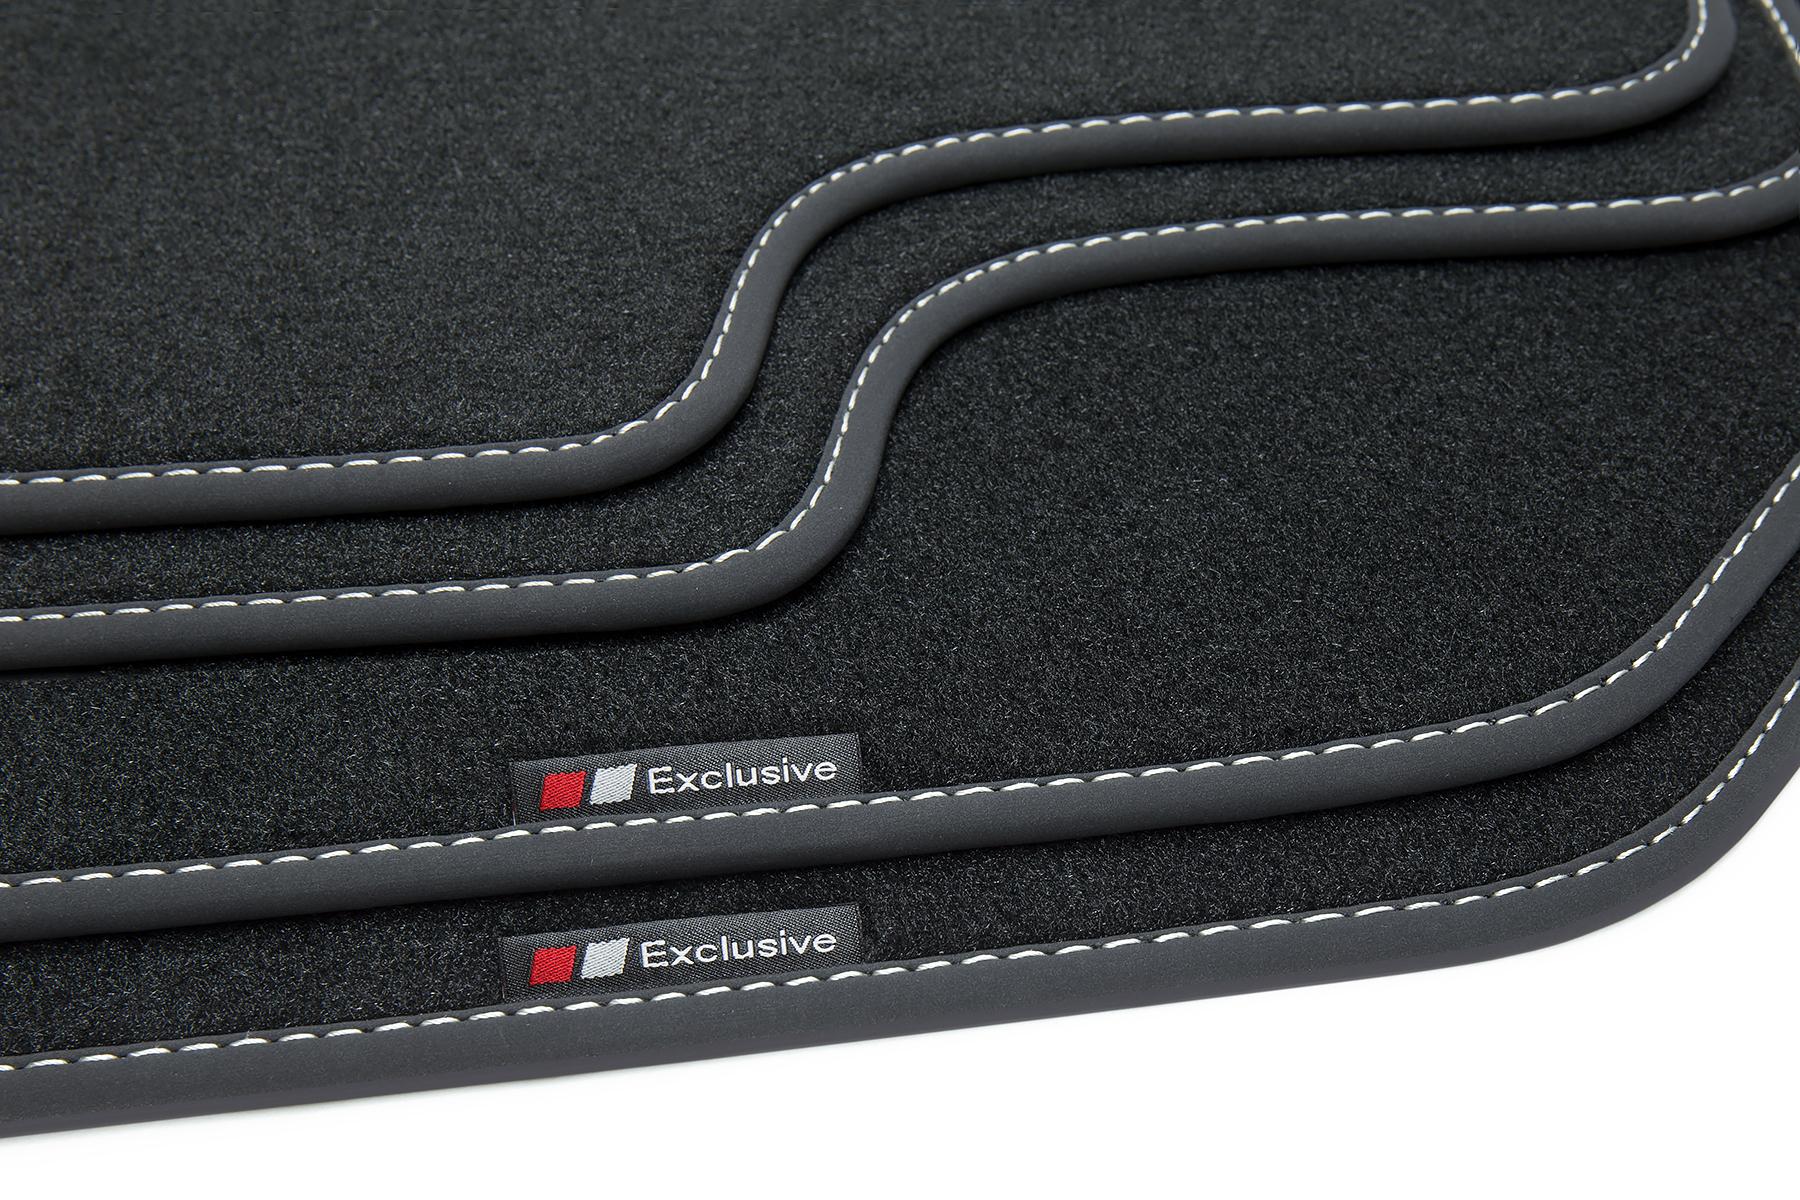 2005-2013 Exclusive Design Fußmatten für Renault Clio 3 Typ R ab Bj